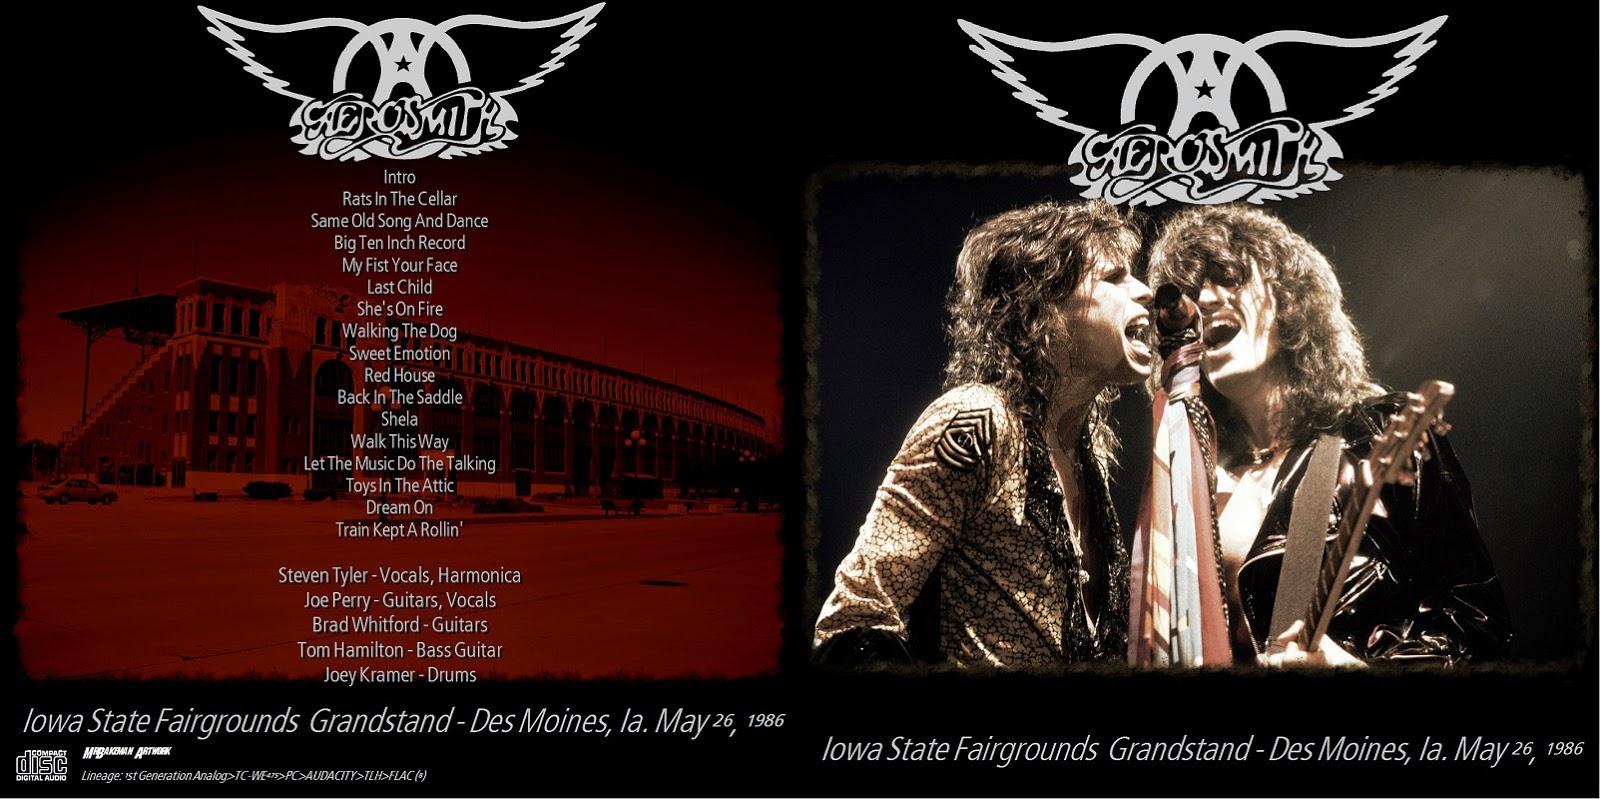 T U B E Aerosmith 1986 05 26 Des Moines Ia Aud Flac